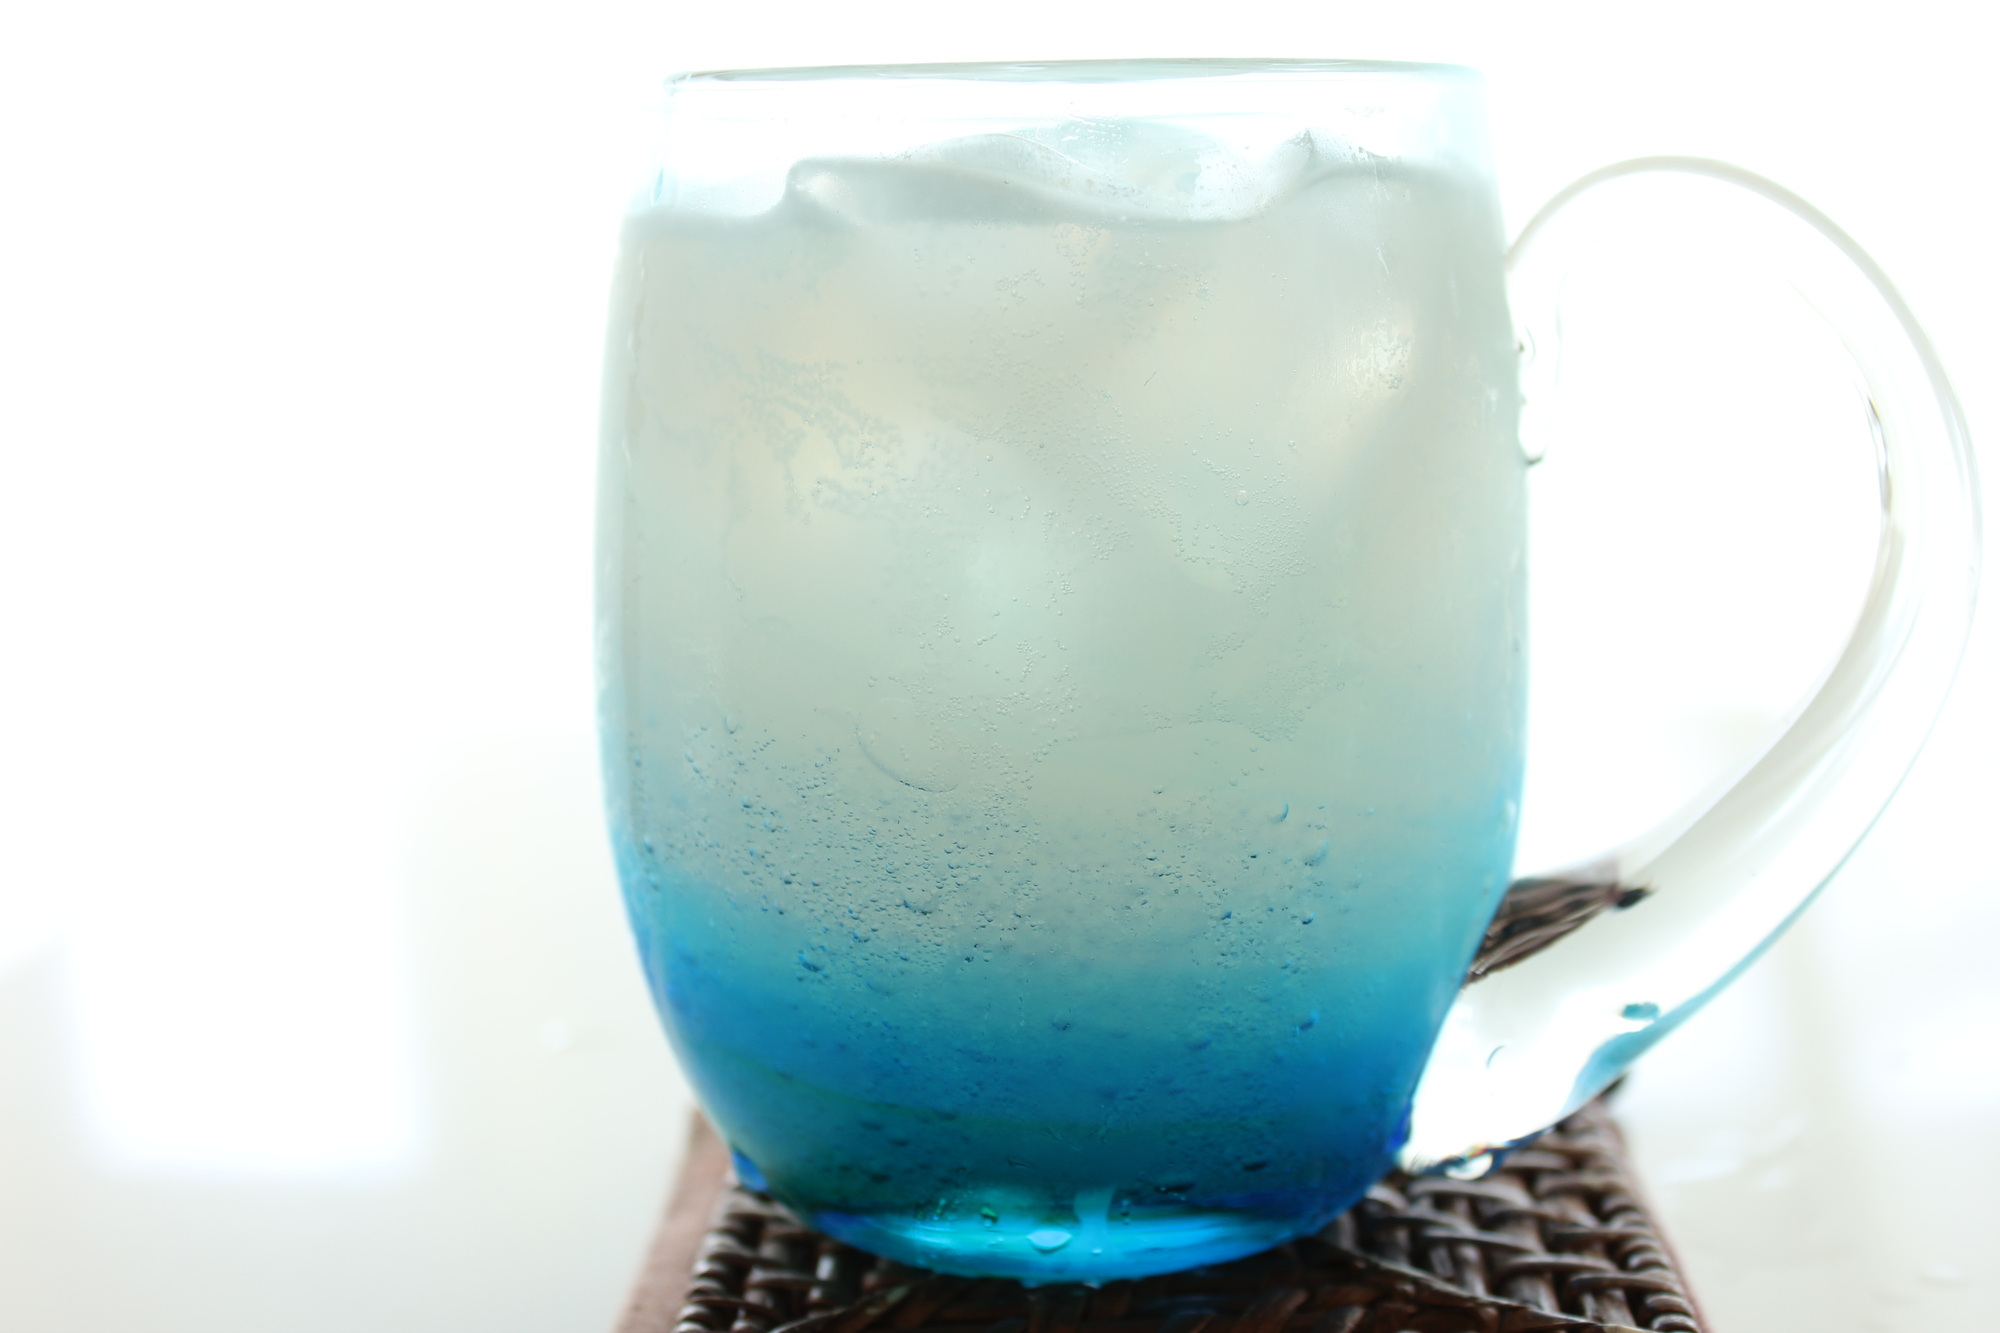 懐かしのあの味を再現!<br>乳酸でできる自家製乳酸飲料